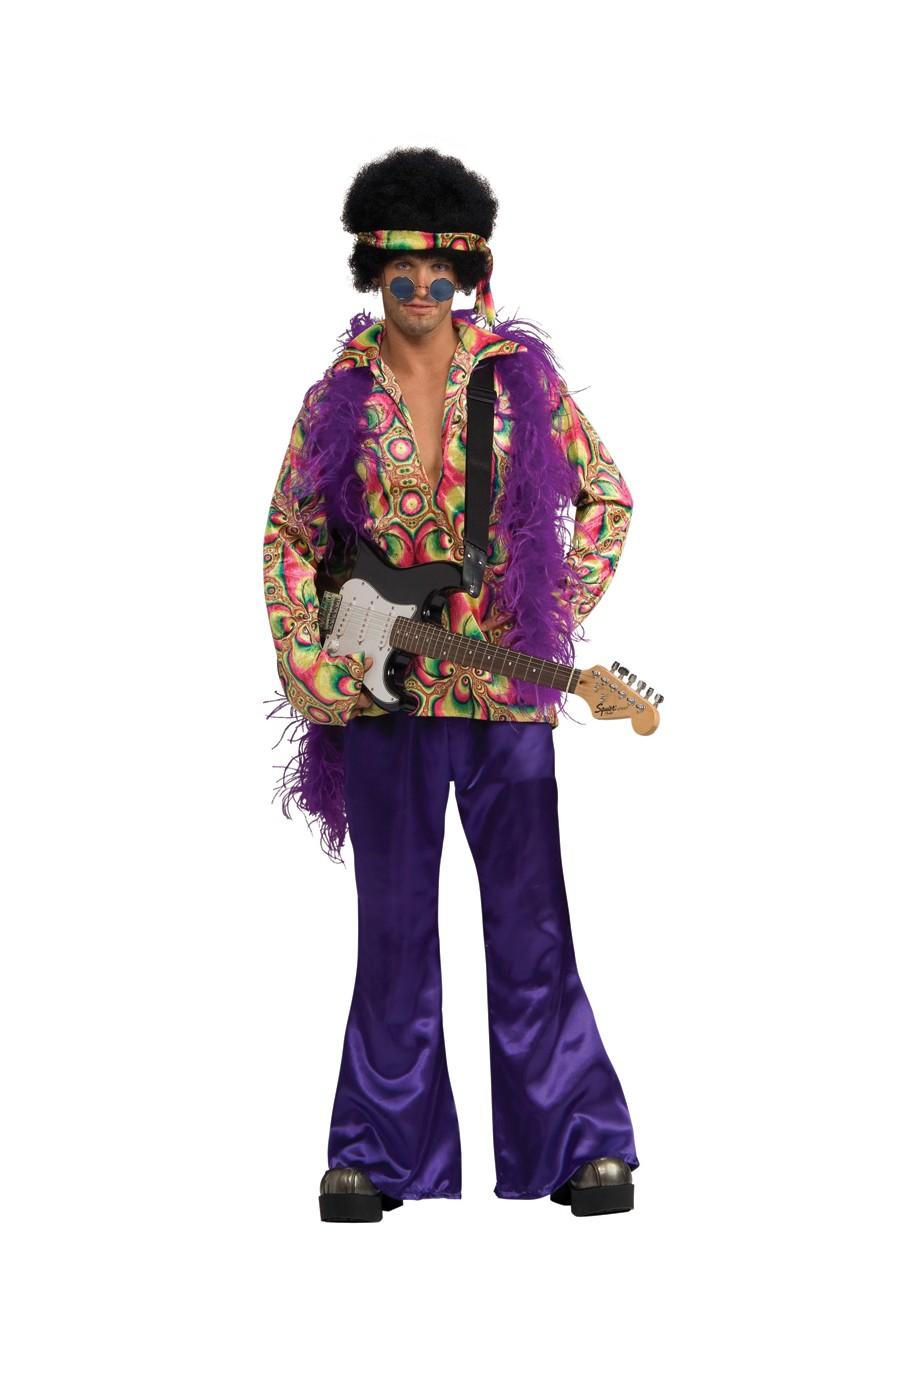 best website 1c6df ace97 Vestito di Carnevale da vero hippie anni 70 multicolore fluo viola